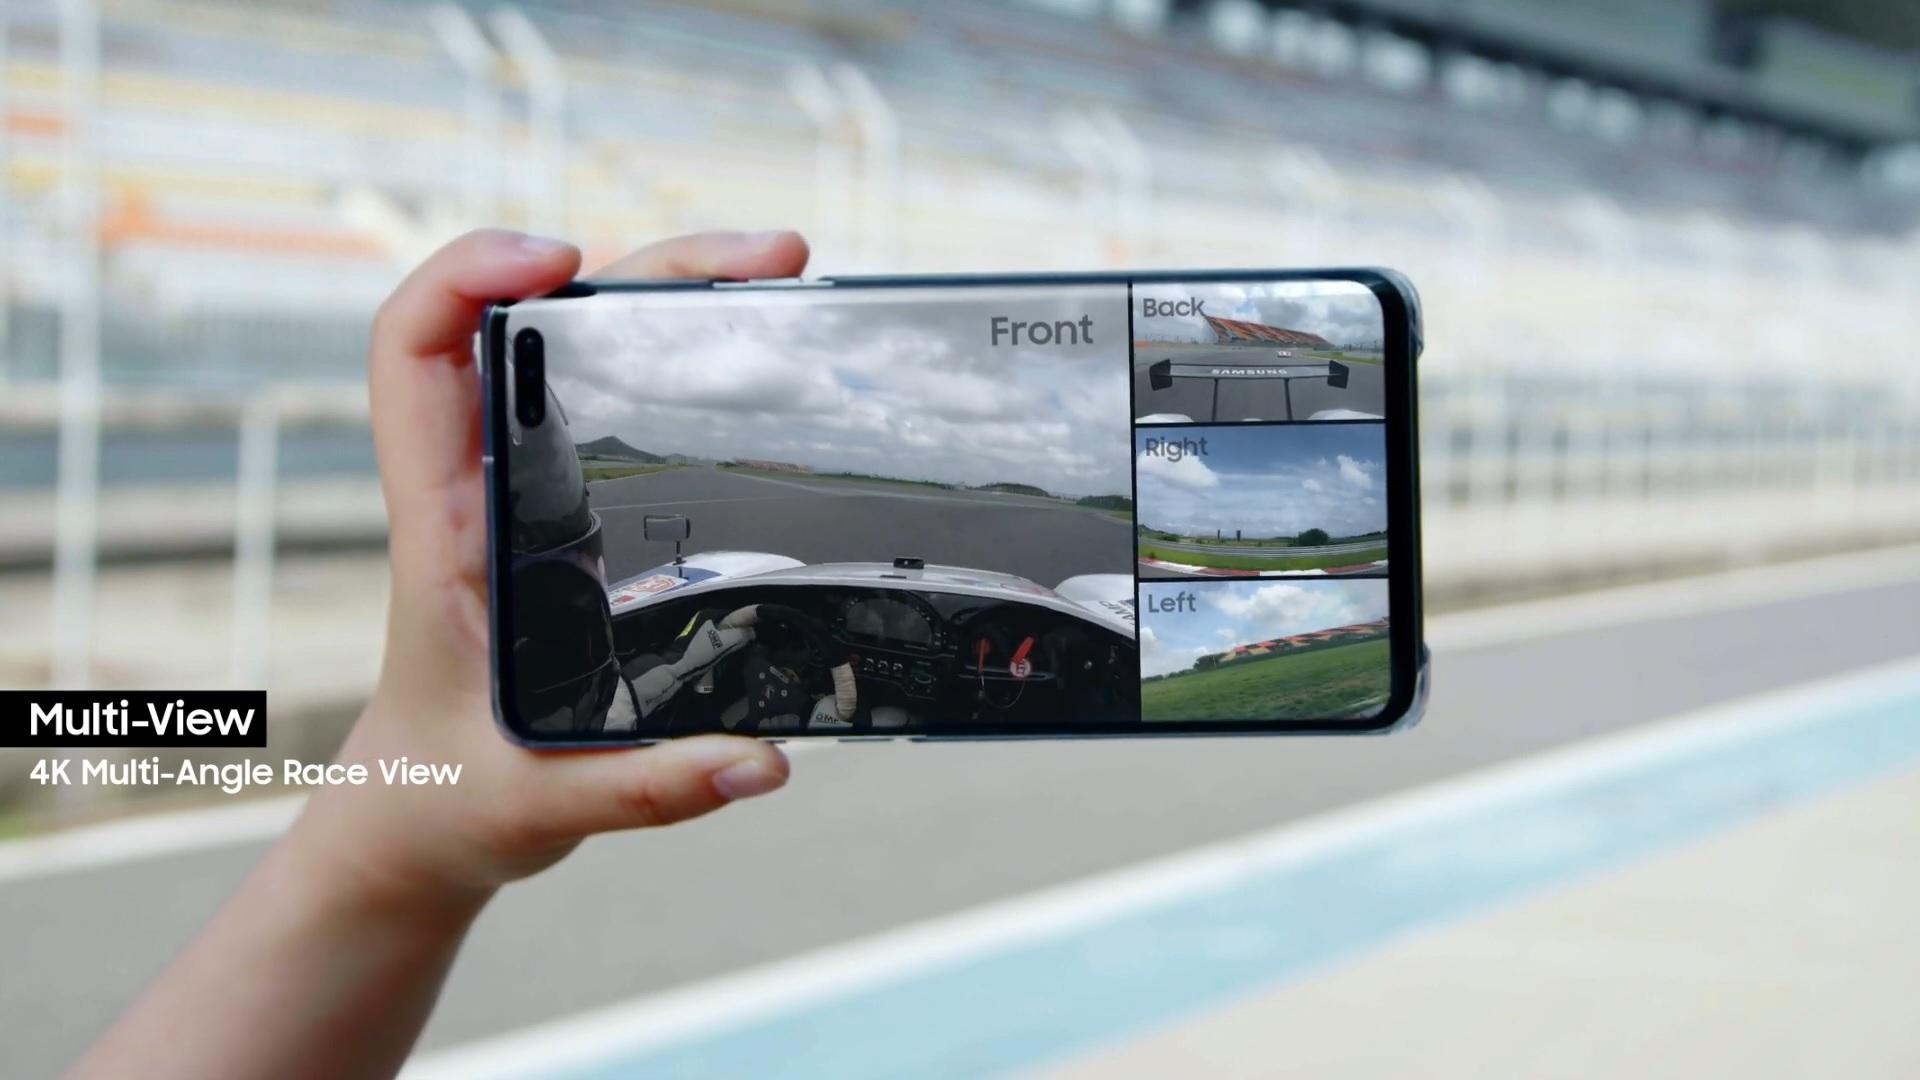 5G tehnologija primijenjena na auto utrkama